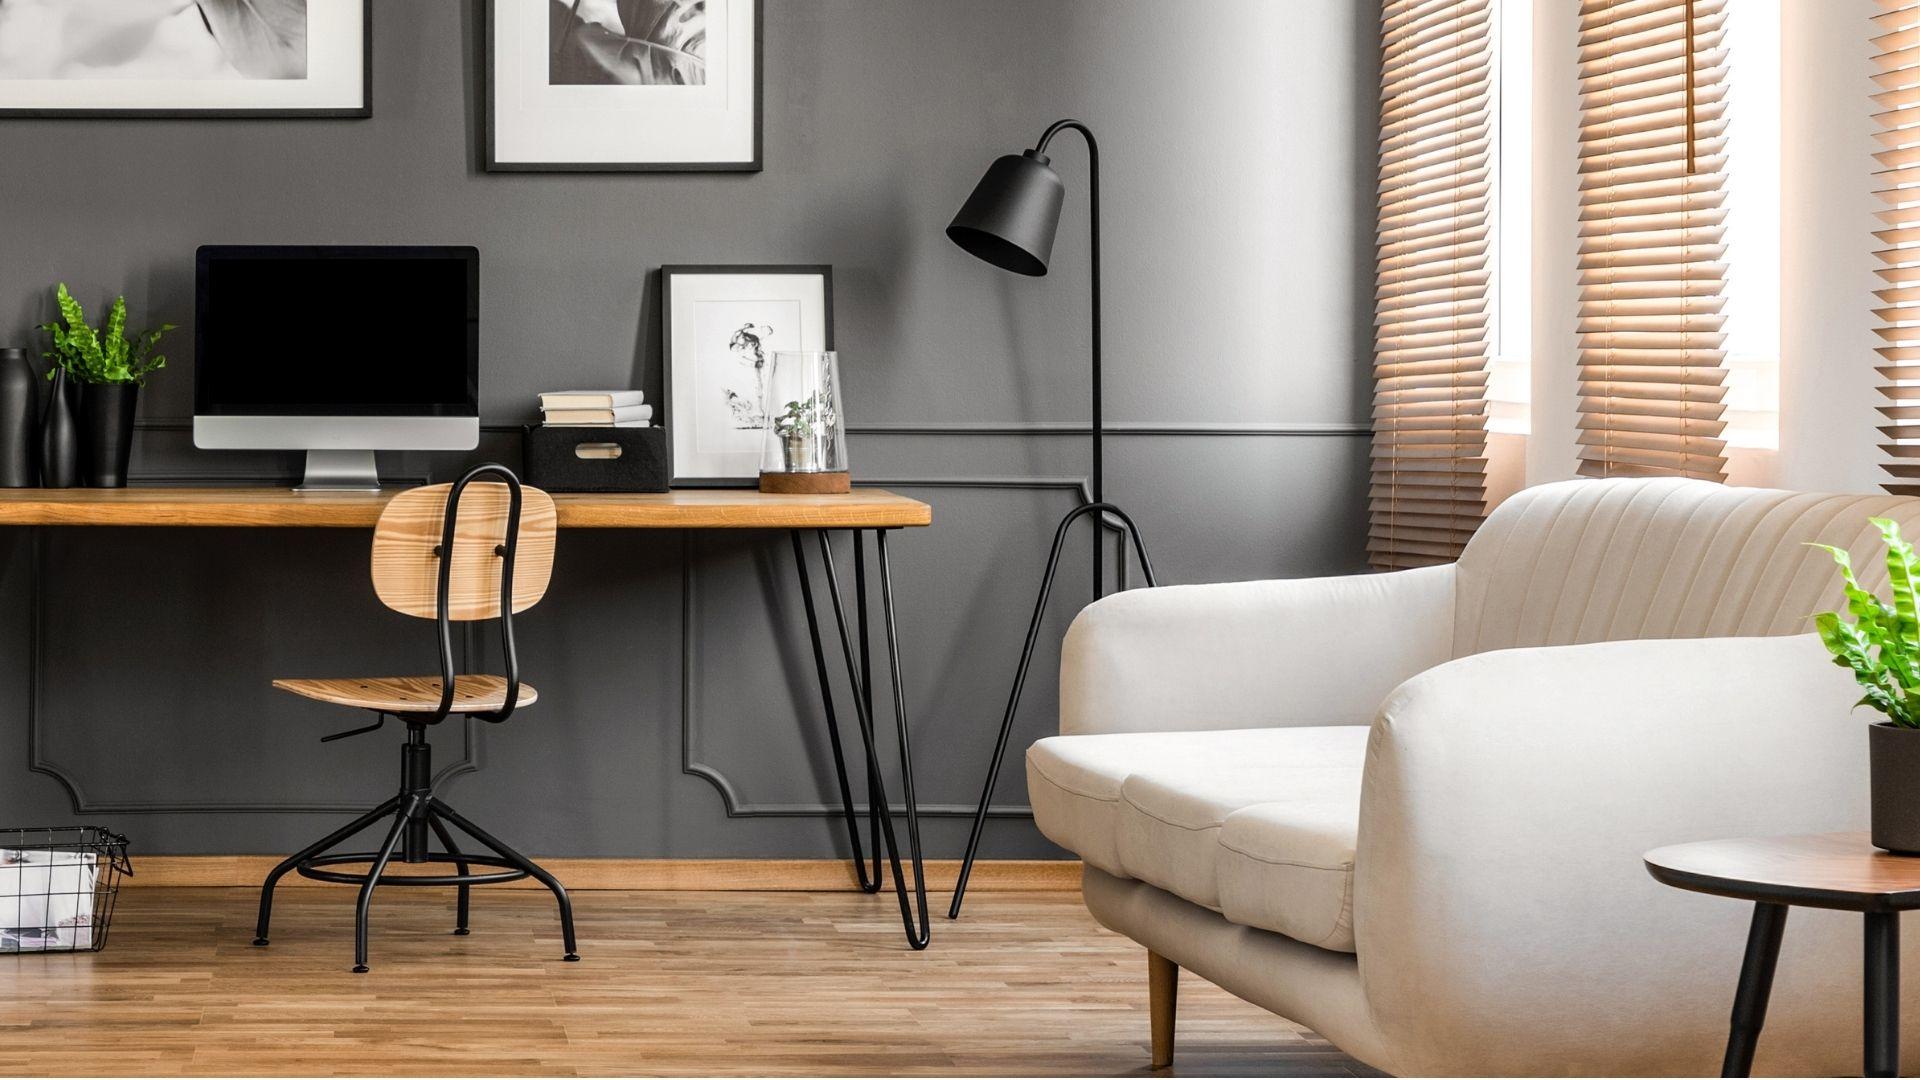 Smart Working 4 Idee Per Una Postazione Efficiente Misura Casa S R L